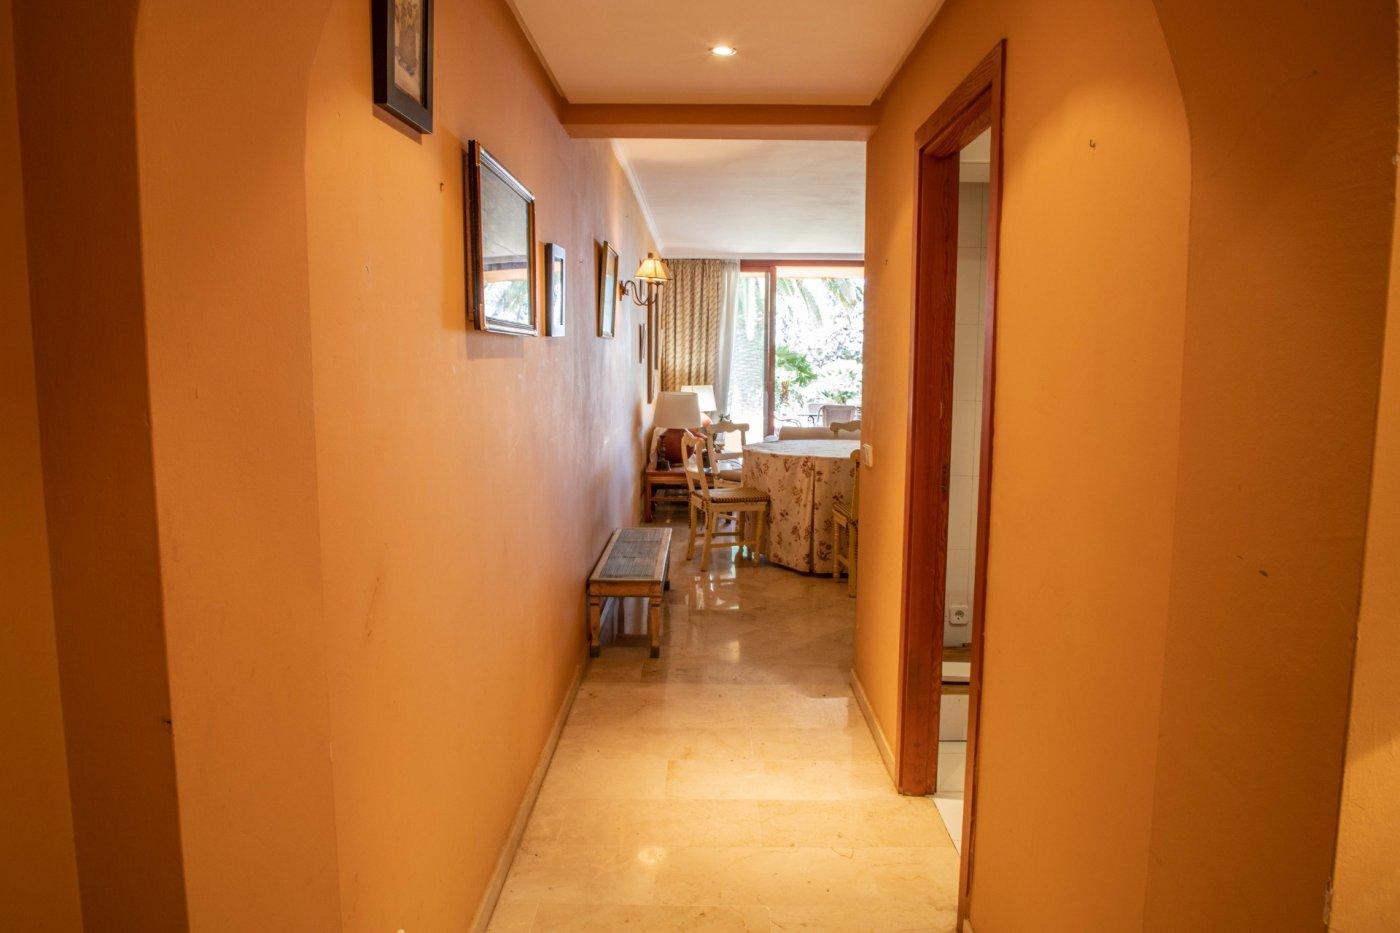 Oportunidad de comprar un precioso apartamento en santa ponsa a muy buen precio!! - imagenInmueble33